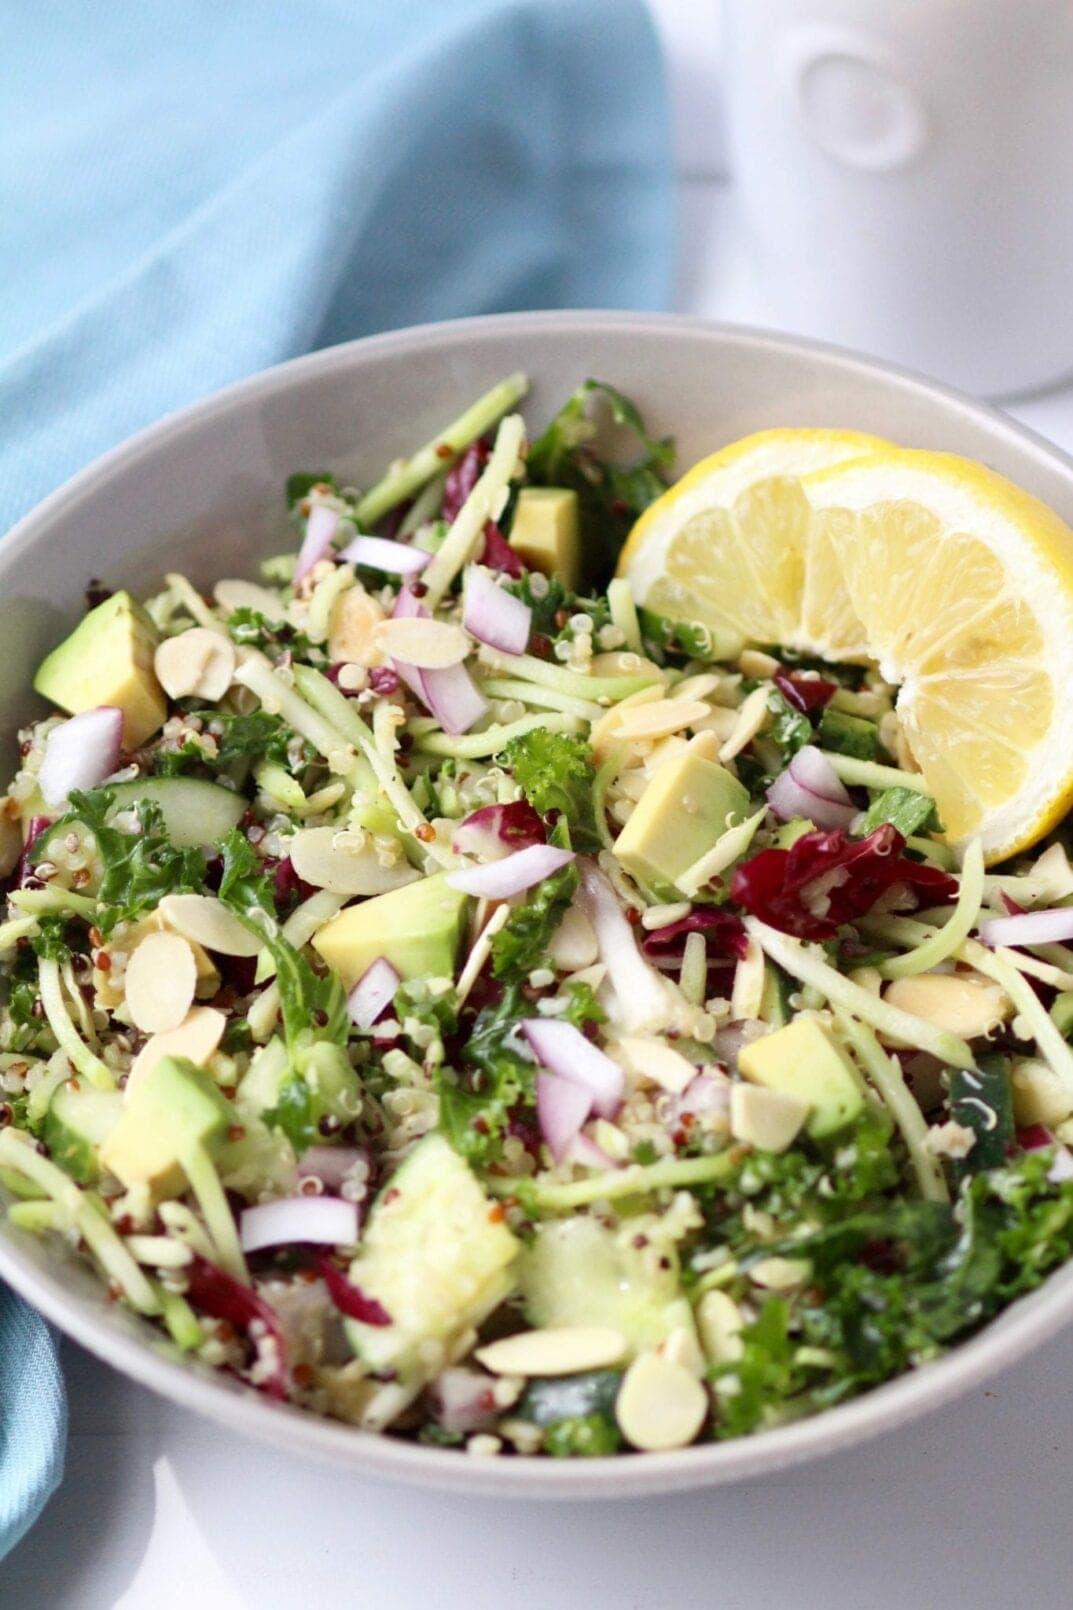 Quinoa Salad| 8 healthy bbq side dishes | www.nourishmovelove.com